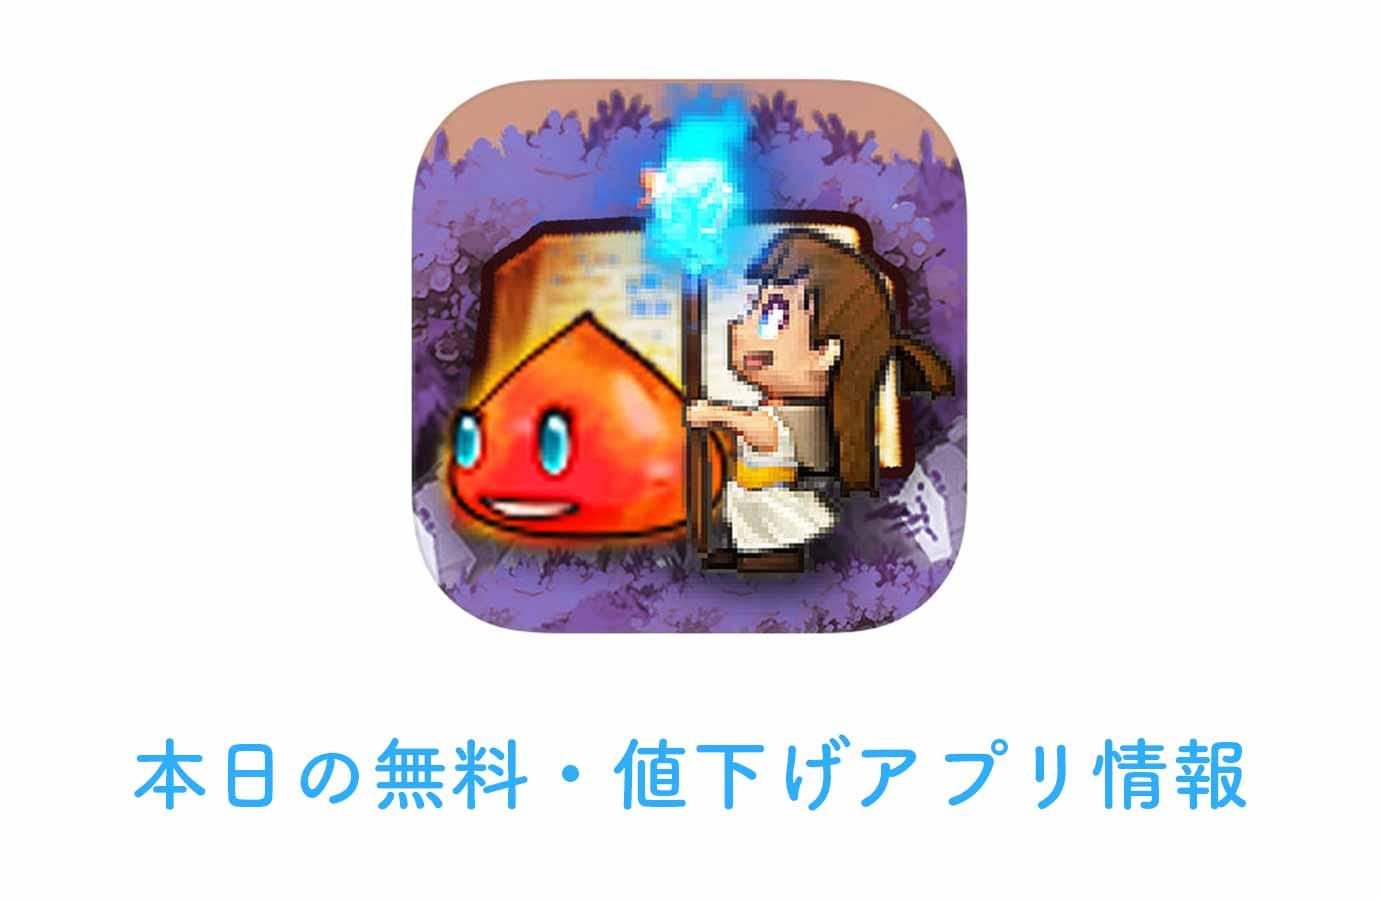 【120円→無料】ダンジョンの999Fを目指すRPG「ダンジョン999F」など【3/13】本日の無料・値下げアプリ情報